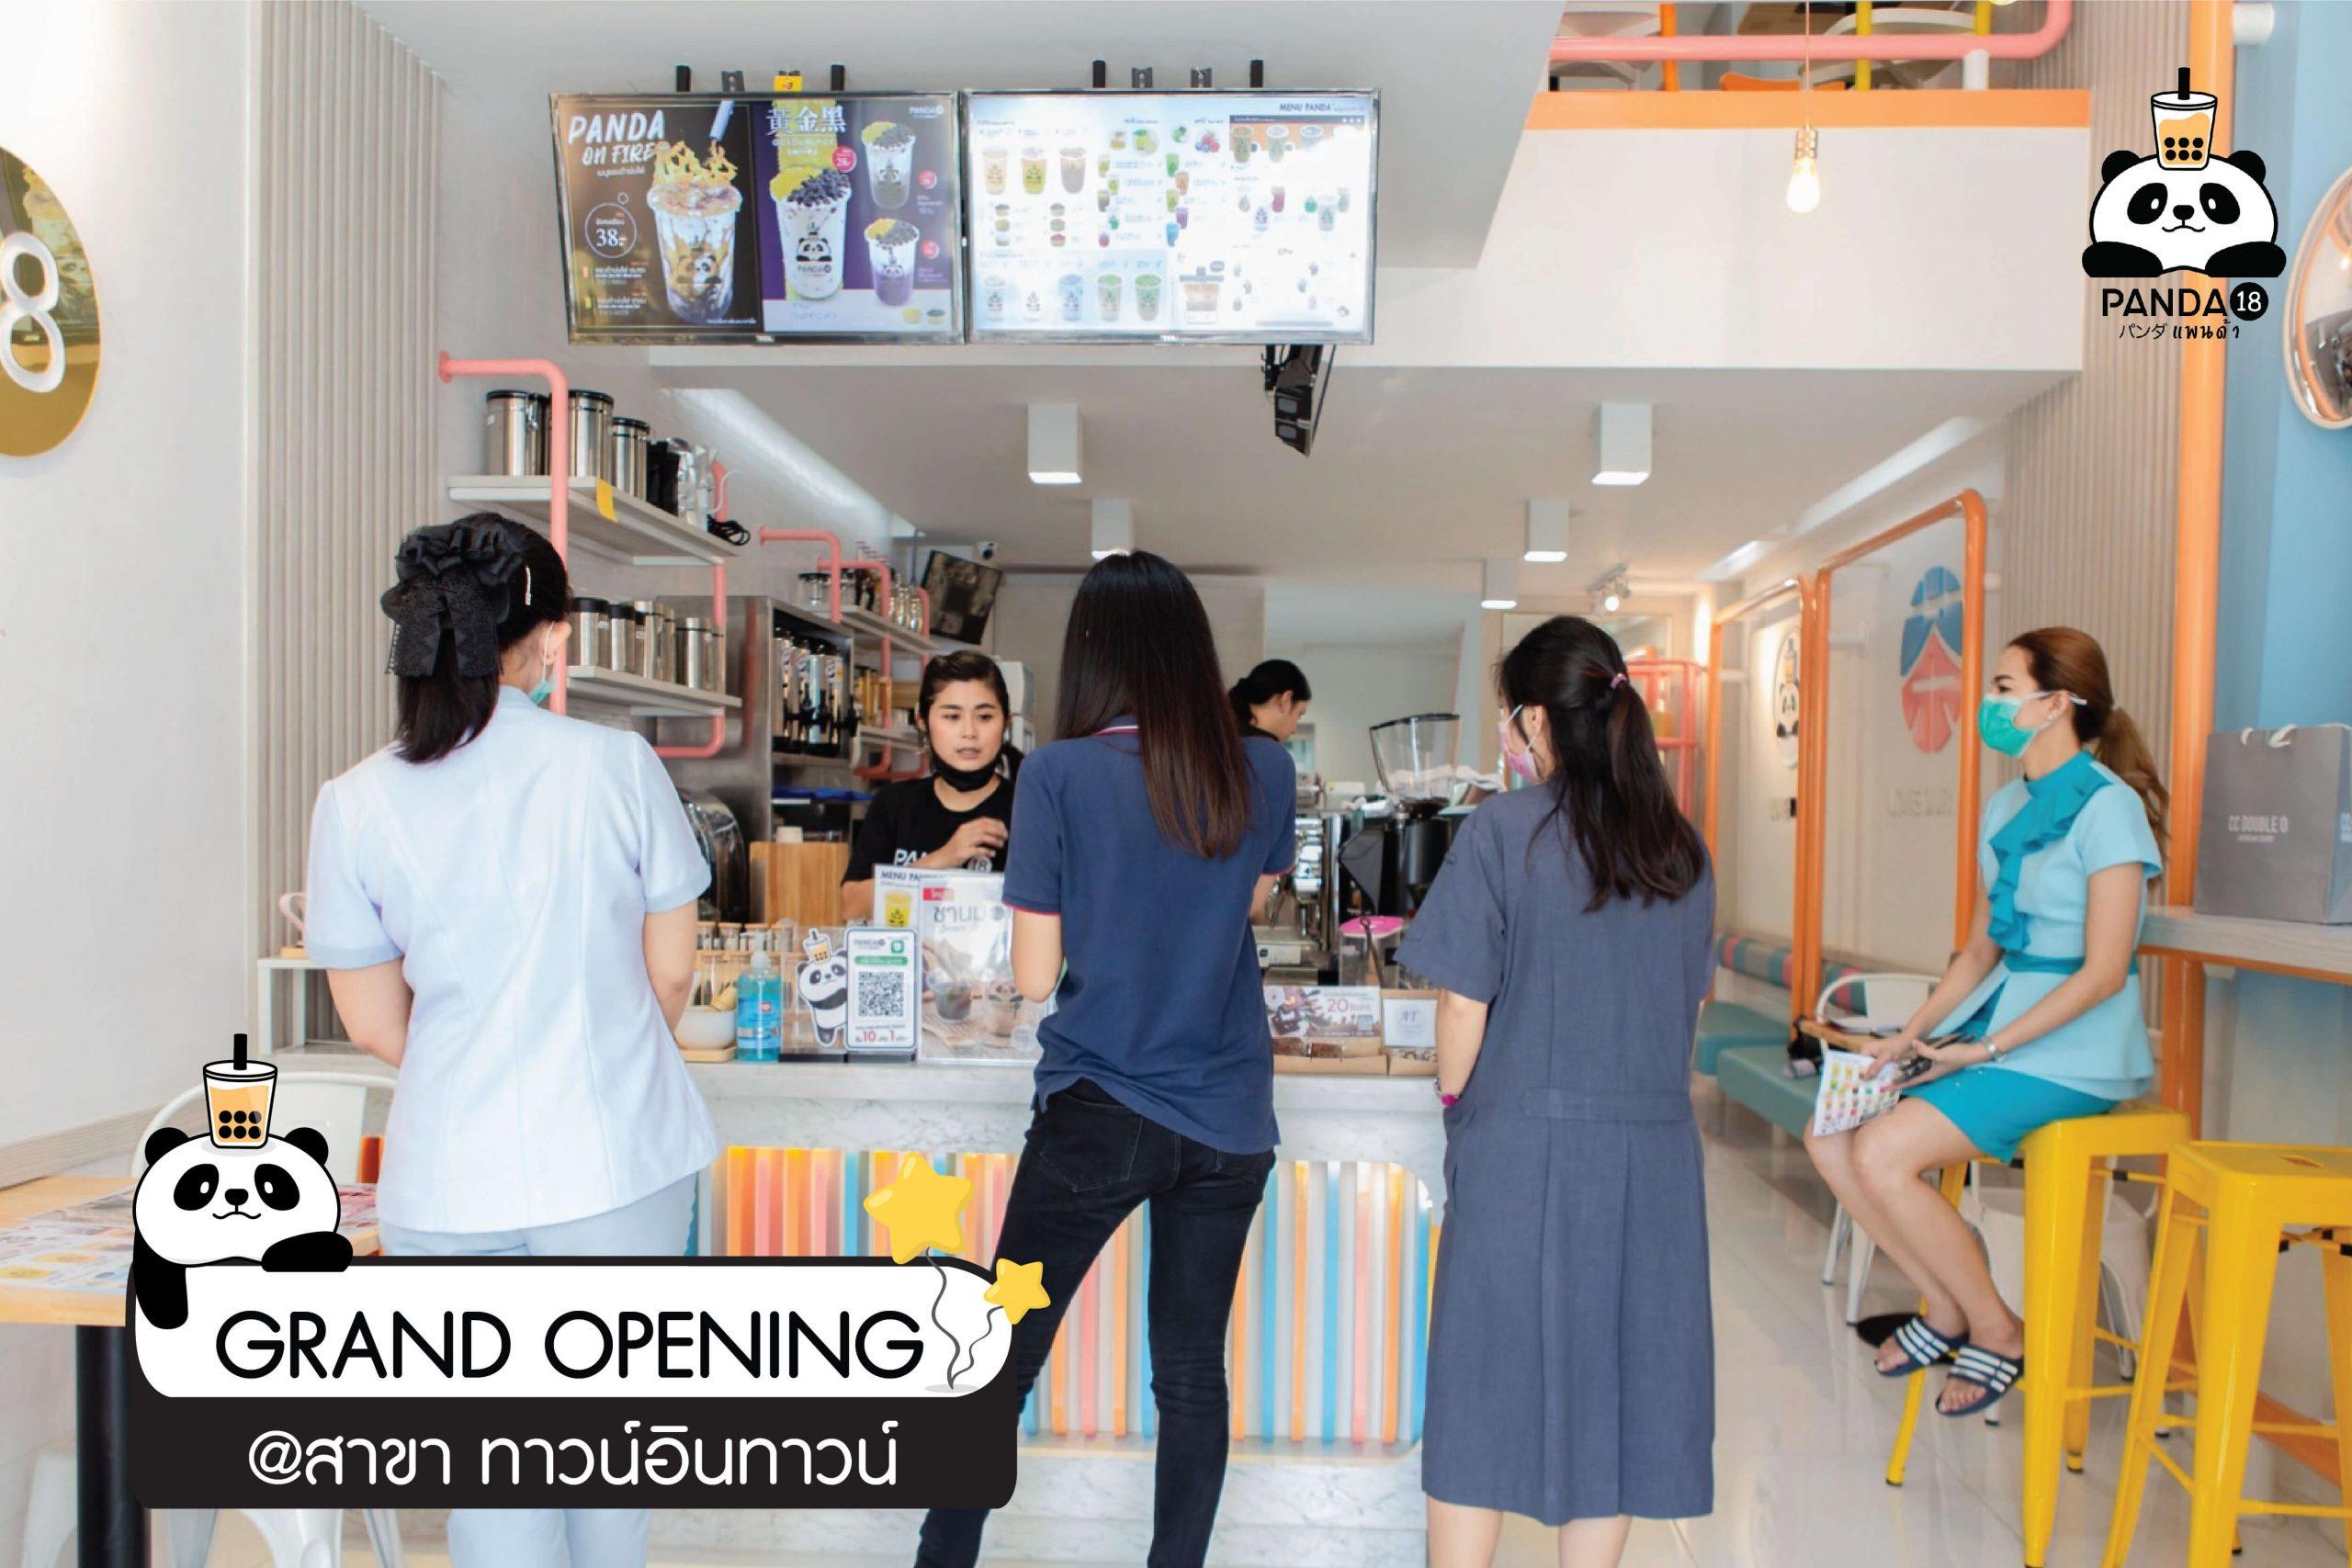 เปิดร้าน แพนด้า18 ชานมไข่มุก สาขาทาวน์อินทาวน์แล้ว!! -Panda18Tea @TowninTown